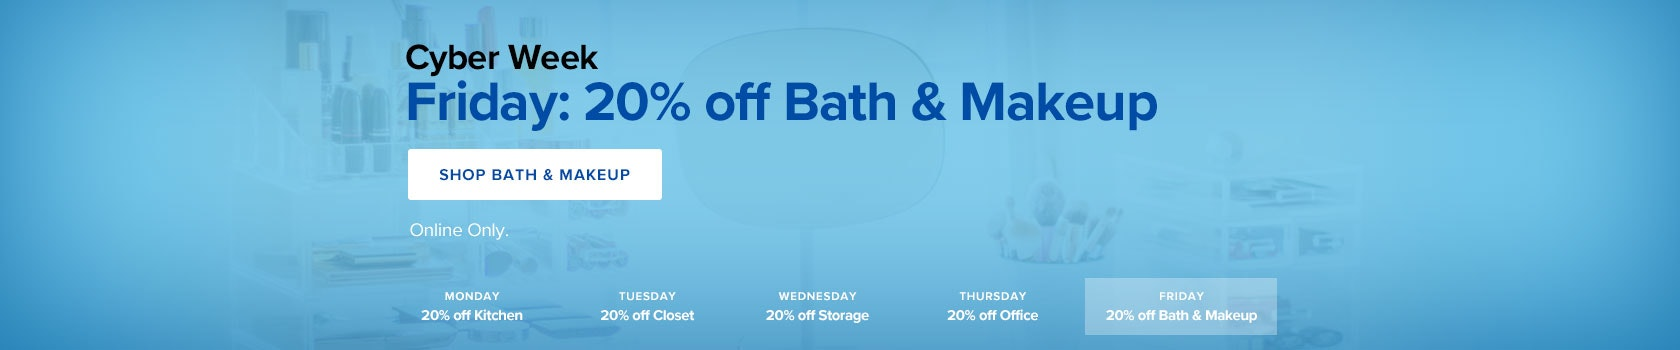 Cyber Week: Friday - 20% off Bath & Makeup Organization